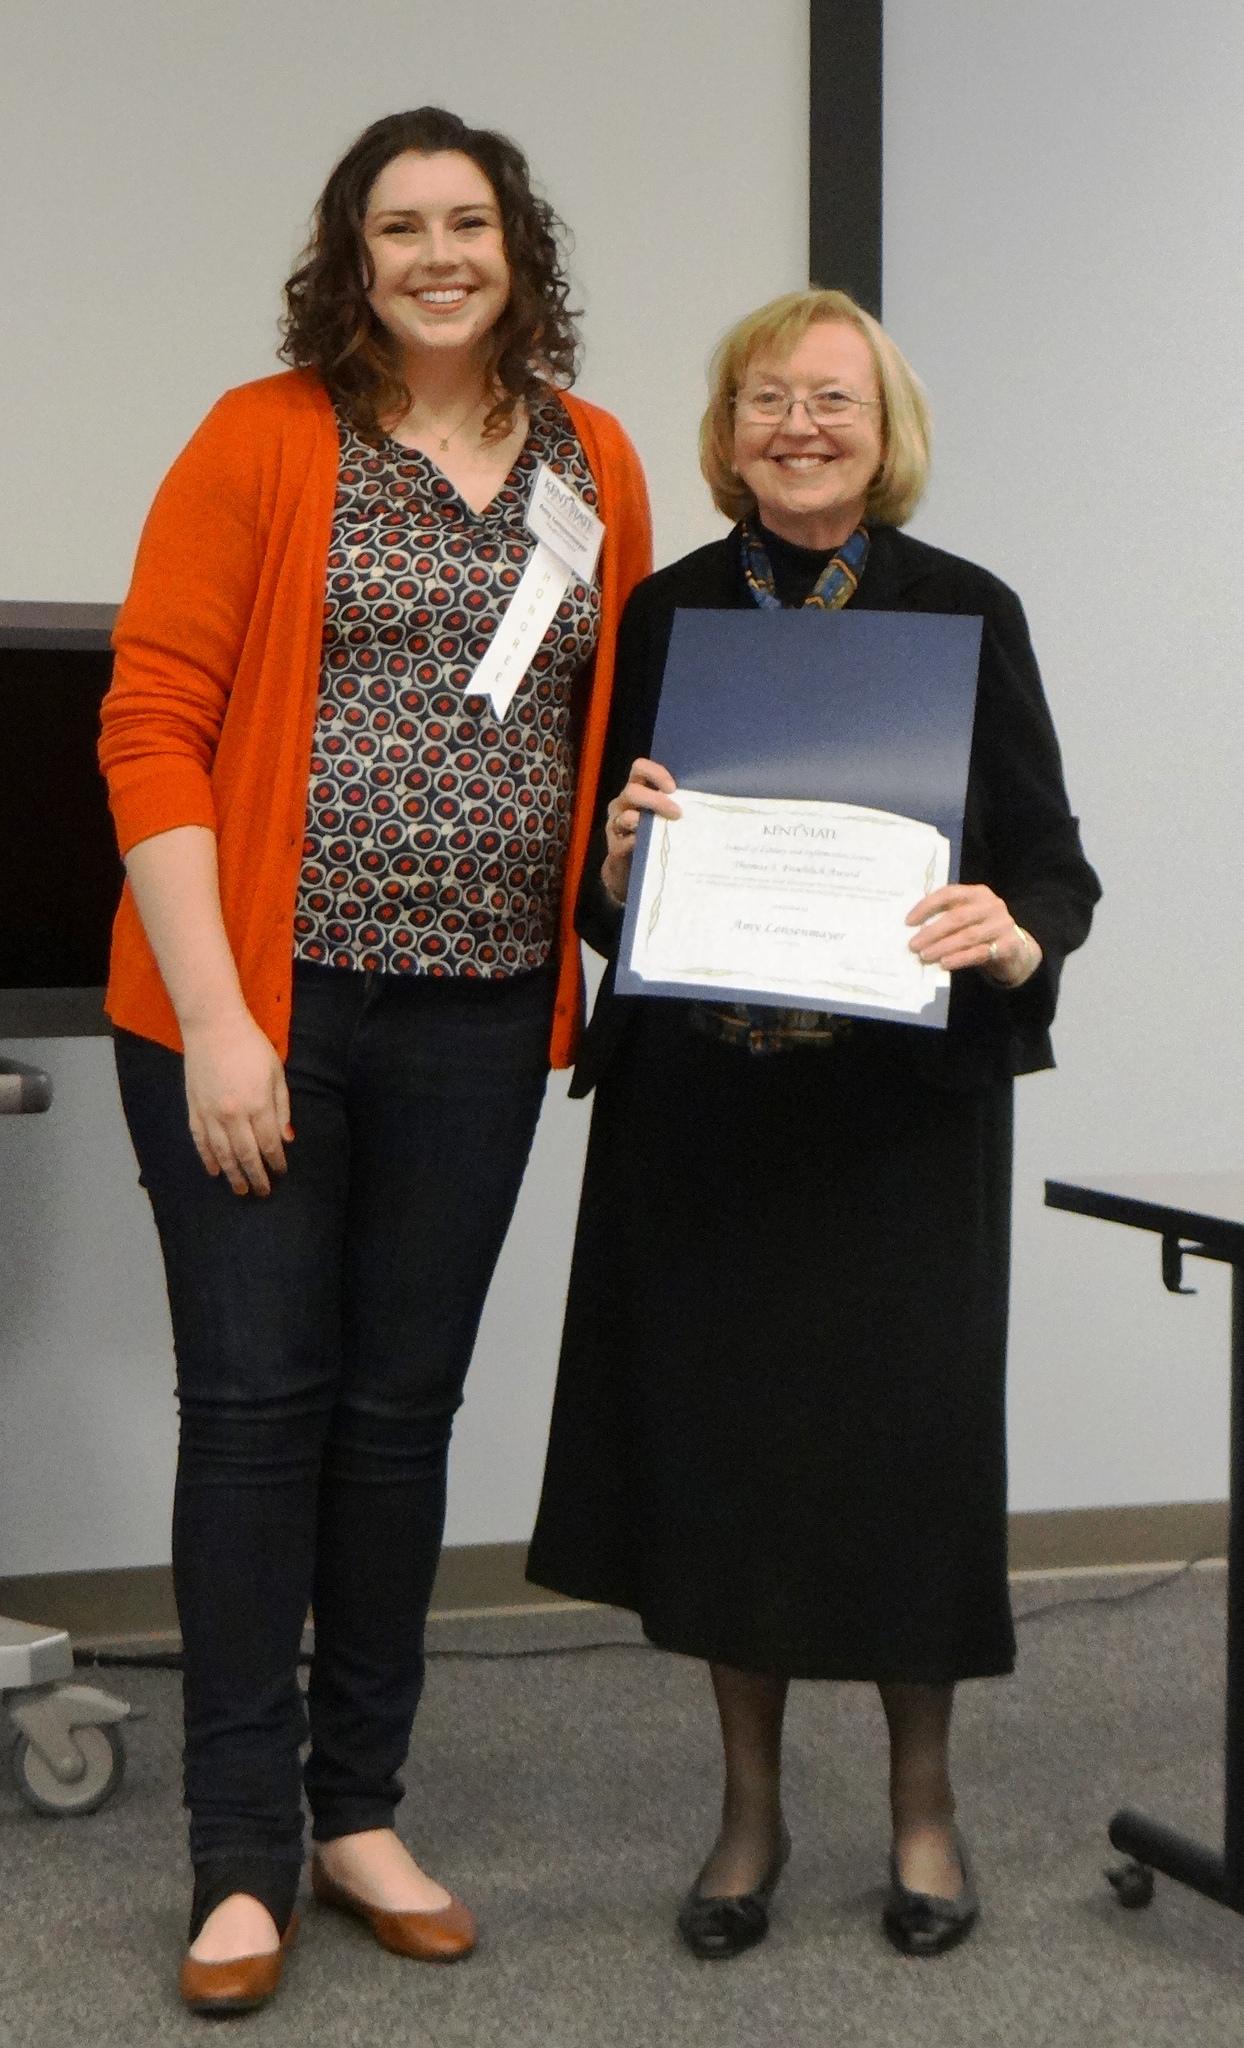 Amy Lensenmayer, winner of the Froehlich Award, with Nancy Lensenmayer, SLIS lecturer